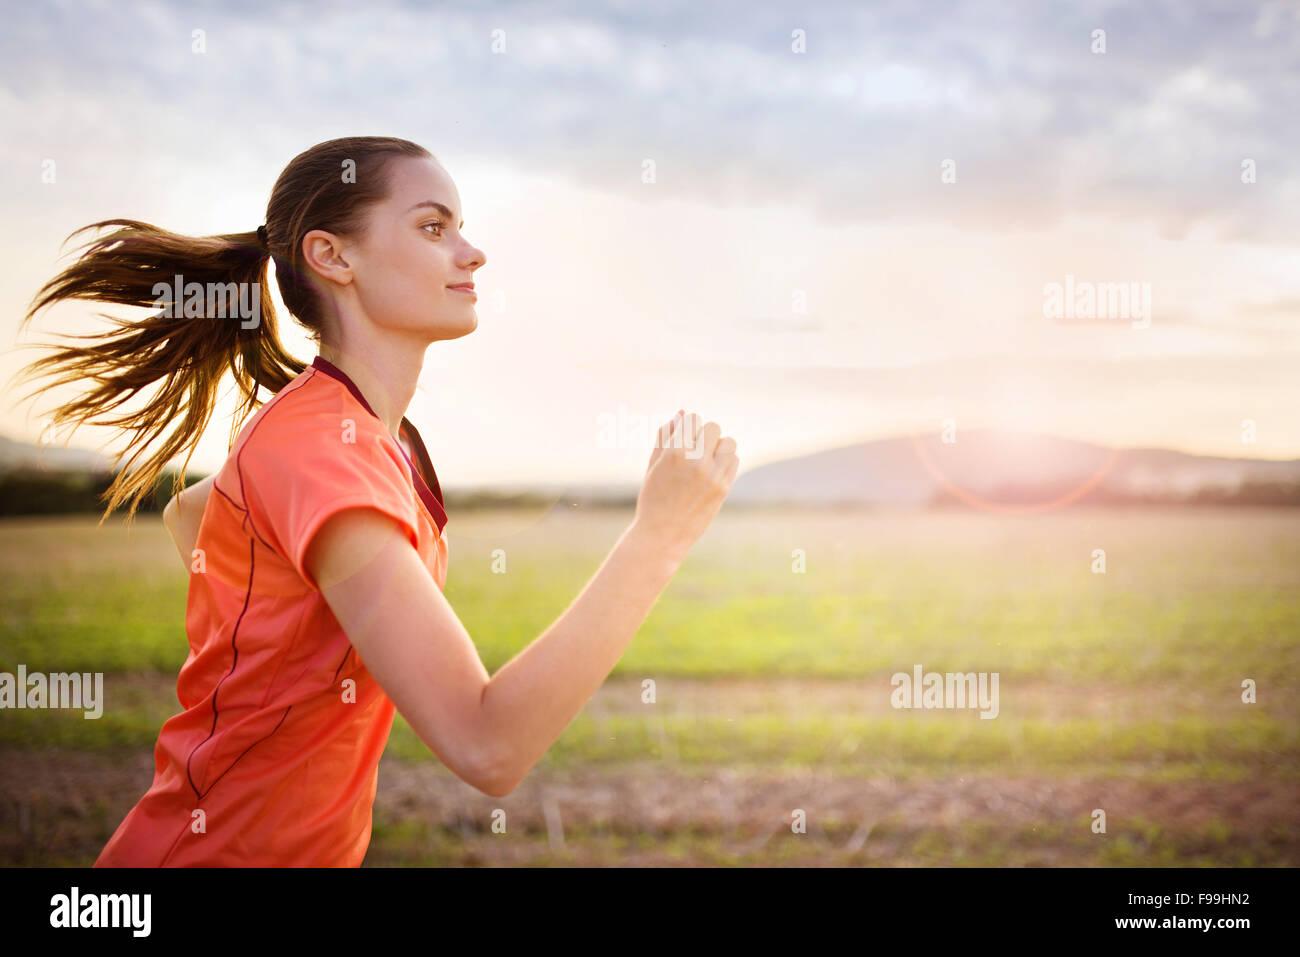 Cross-country trail running mujer al atardecer. Ejercicio Runnerwoman fuera como parte de un estilo de vida saludable. Imagen De Stock